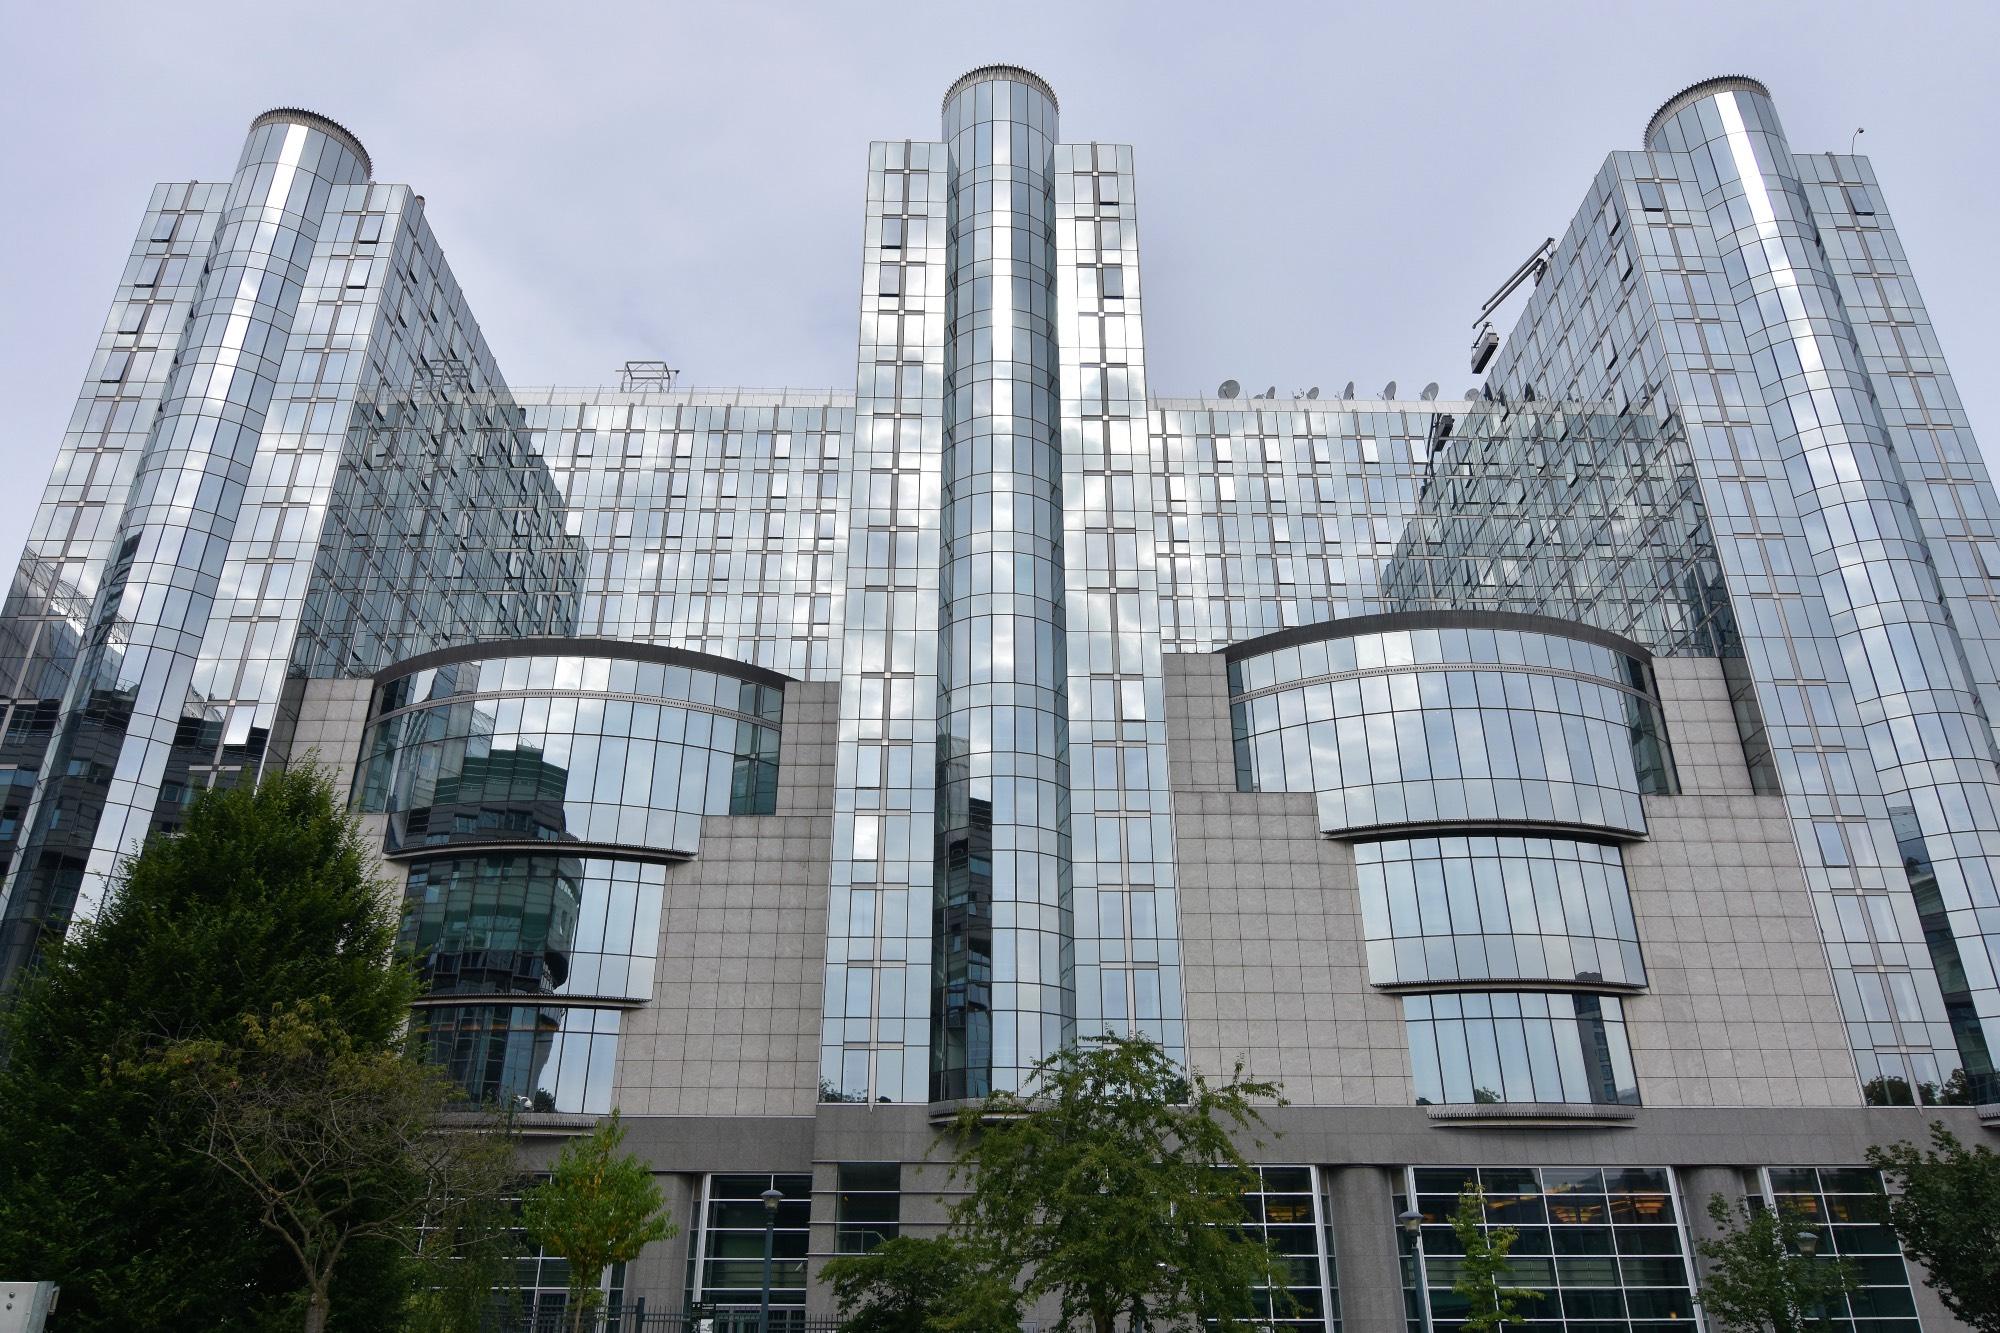 Βρυξέλλες. Πόλη και θεσμοί στην πρωτεύουσα της Ευρώπης